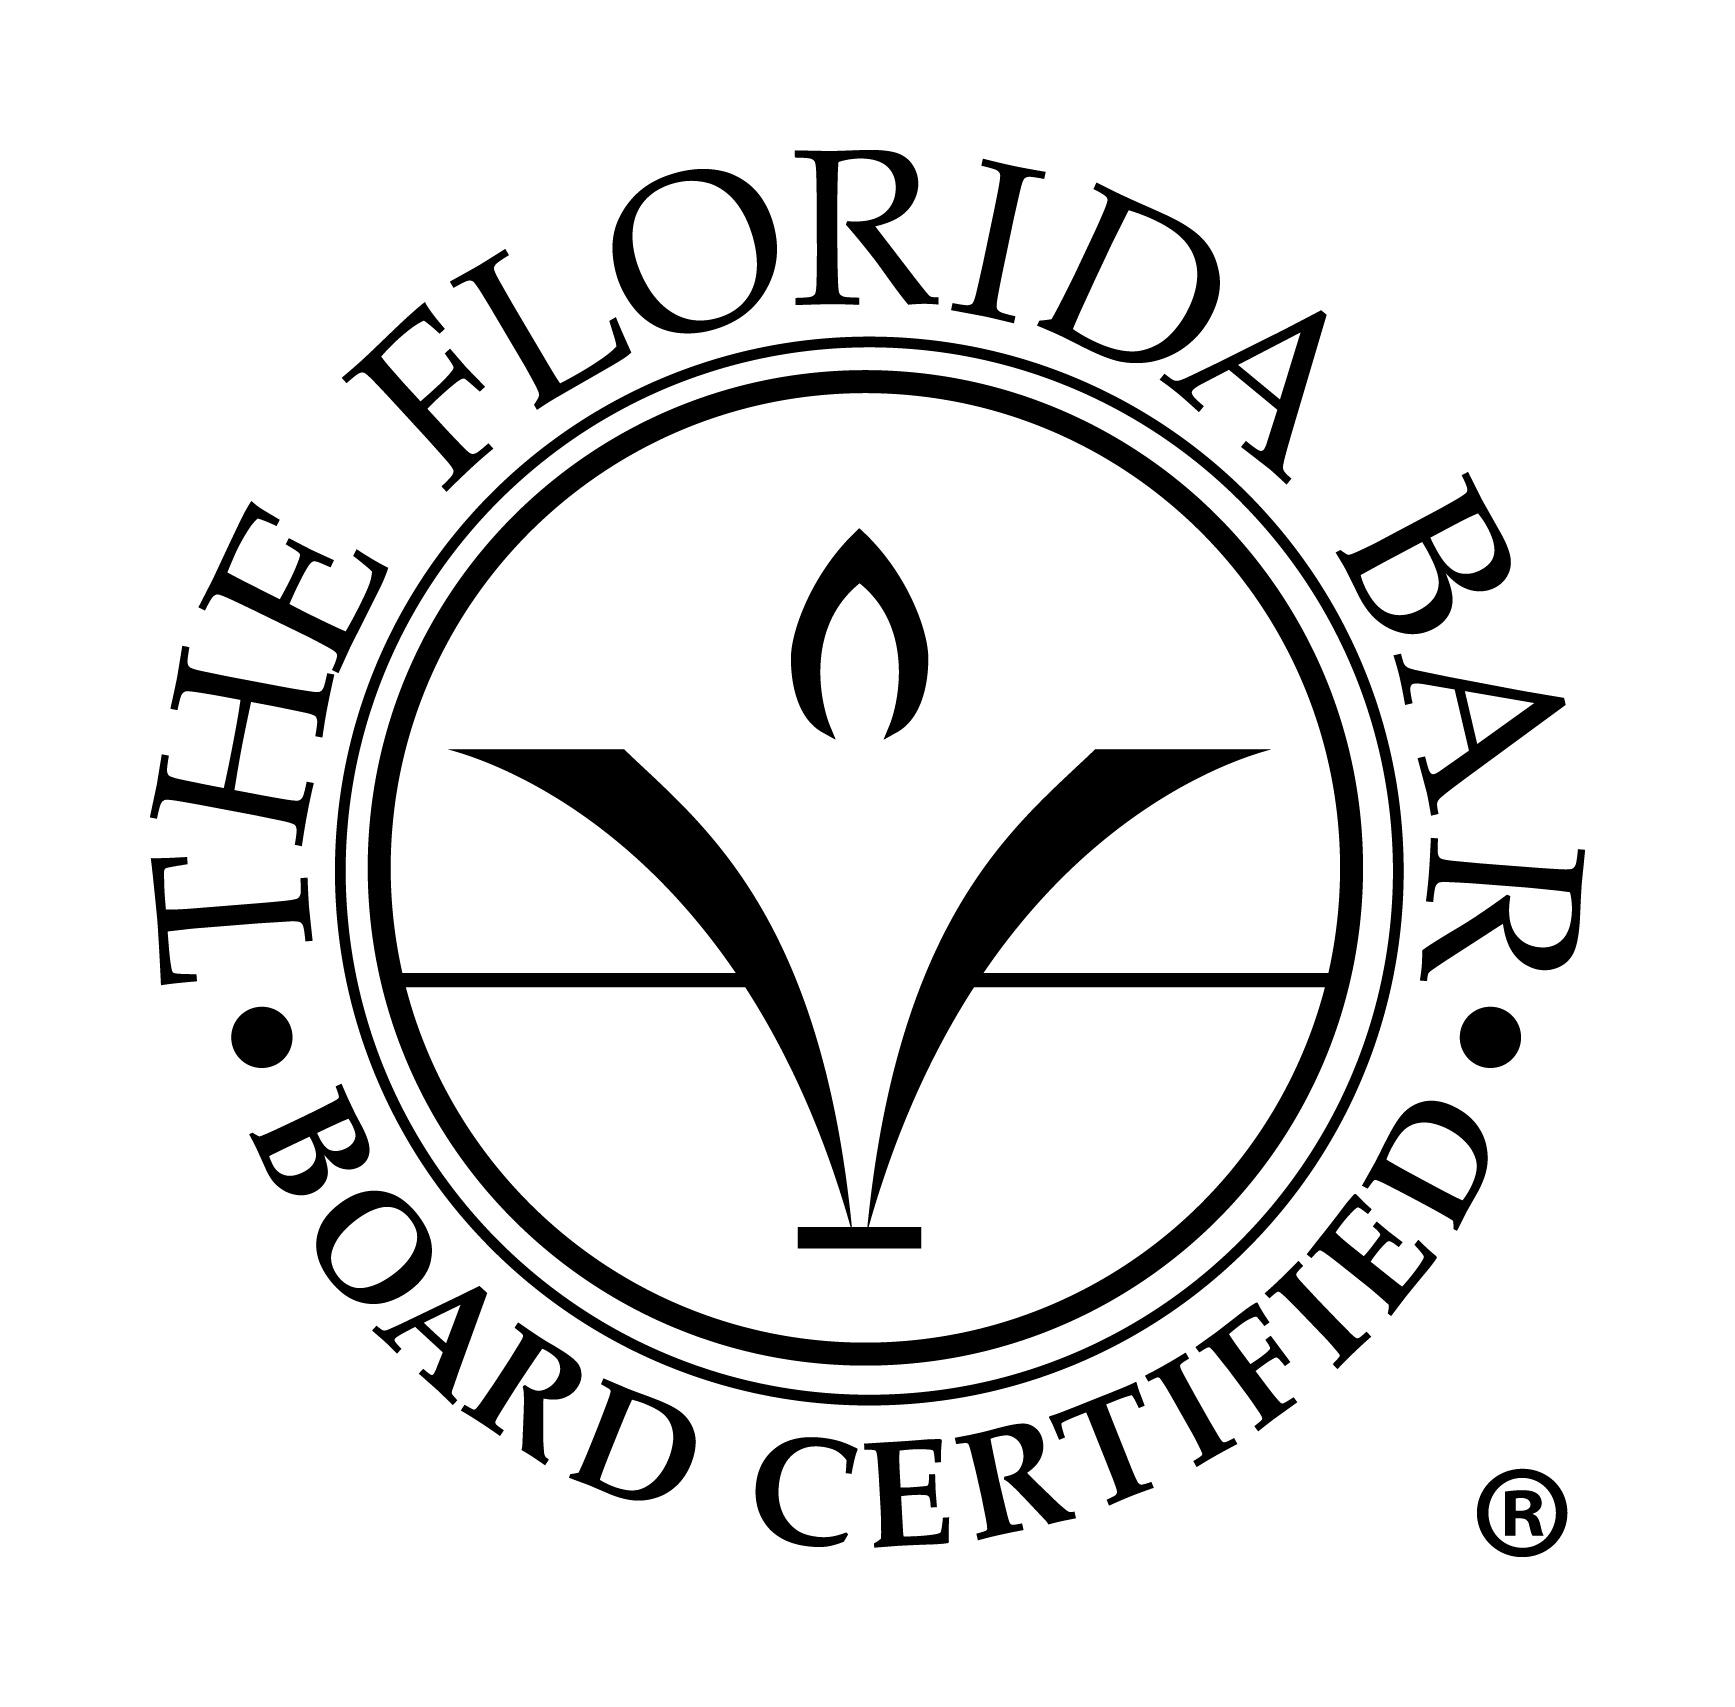 fla-bar-board-cert-logo-r.jpeg